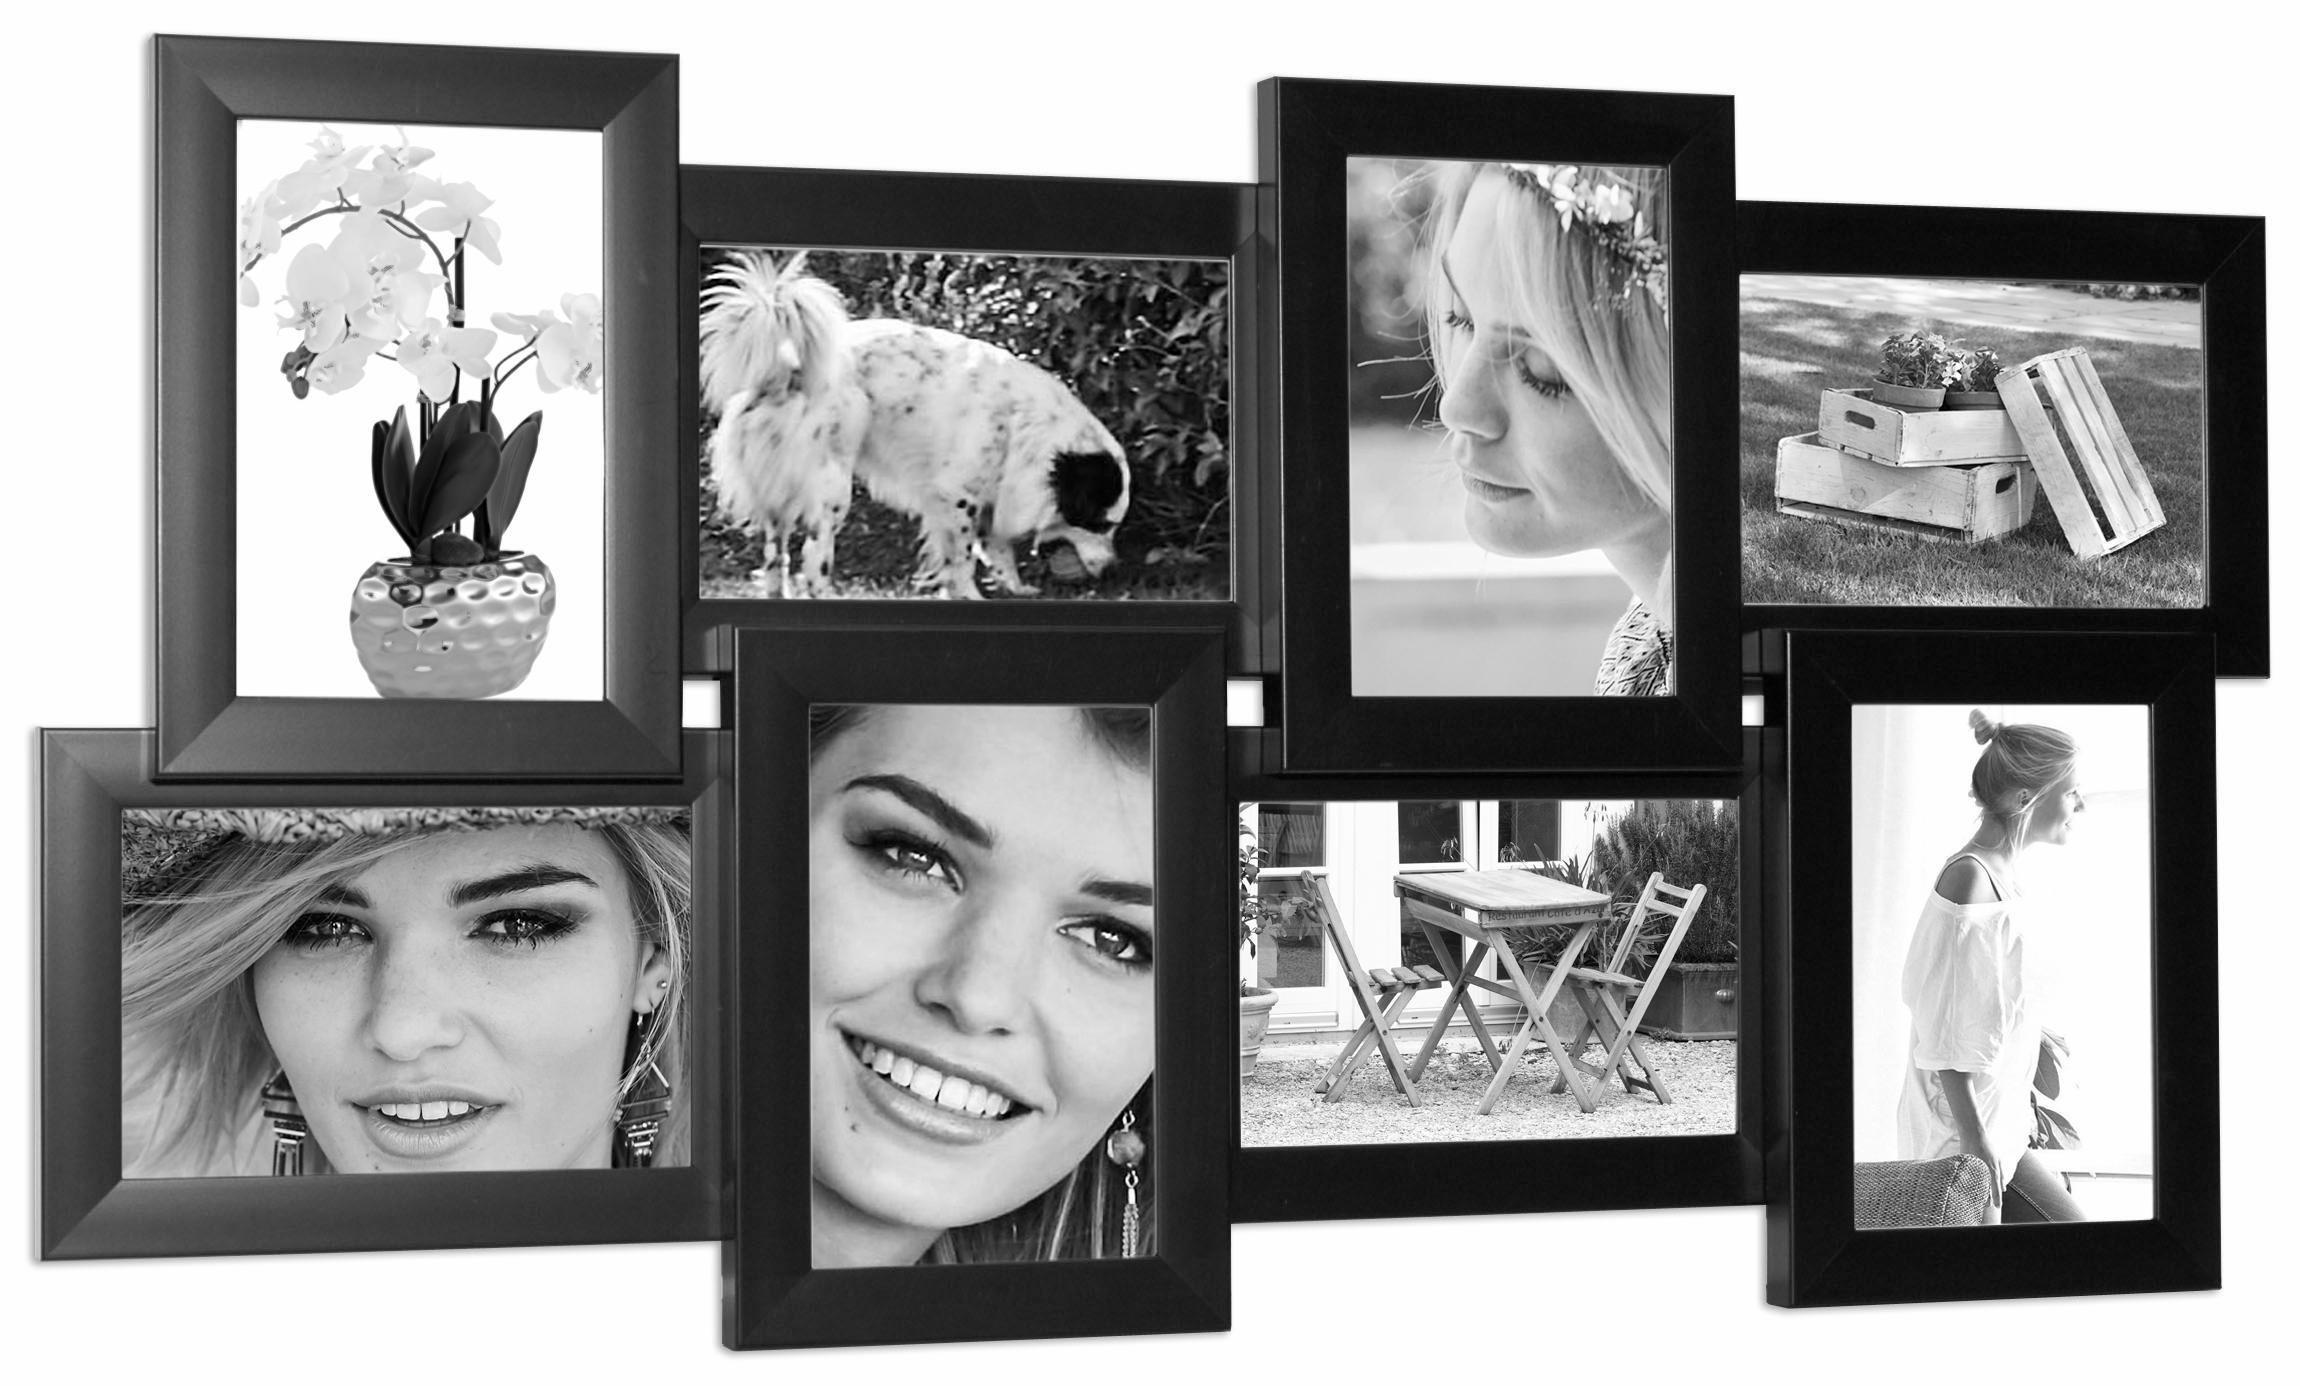 Bilderrahmen 8 X 10 Preisvergleich • Die besten Angebote online kaufen